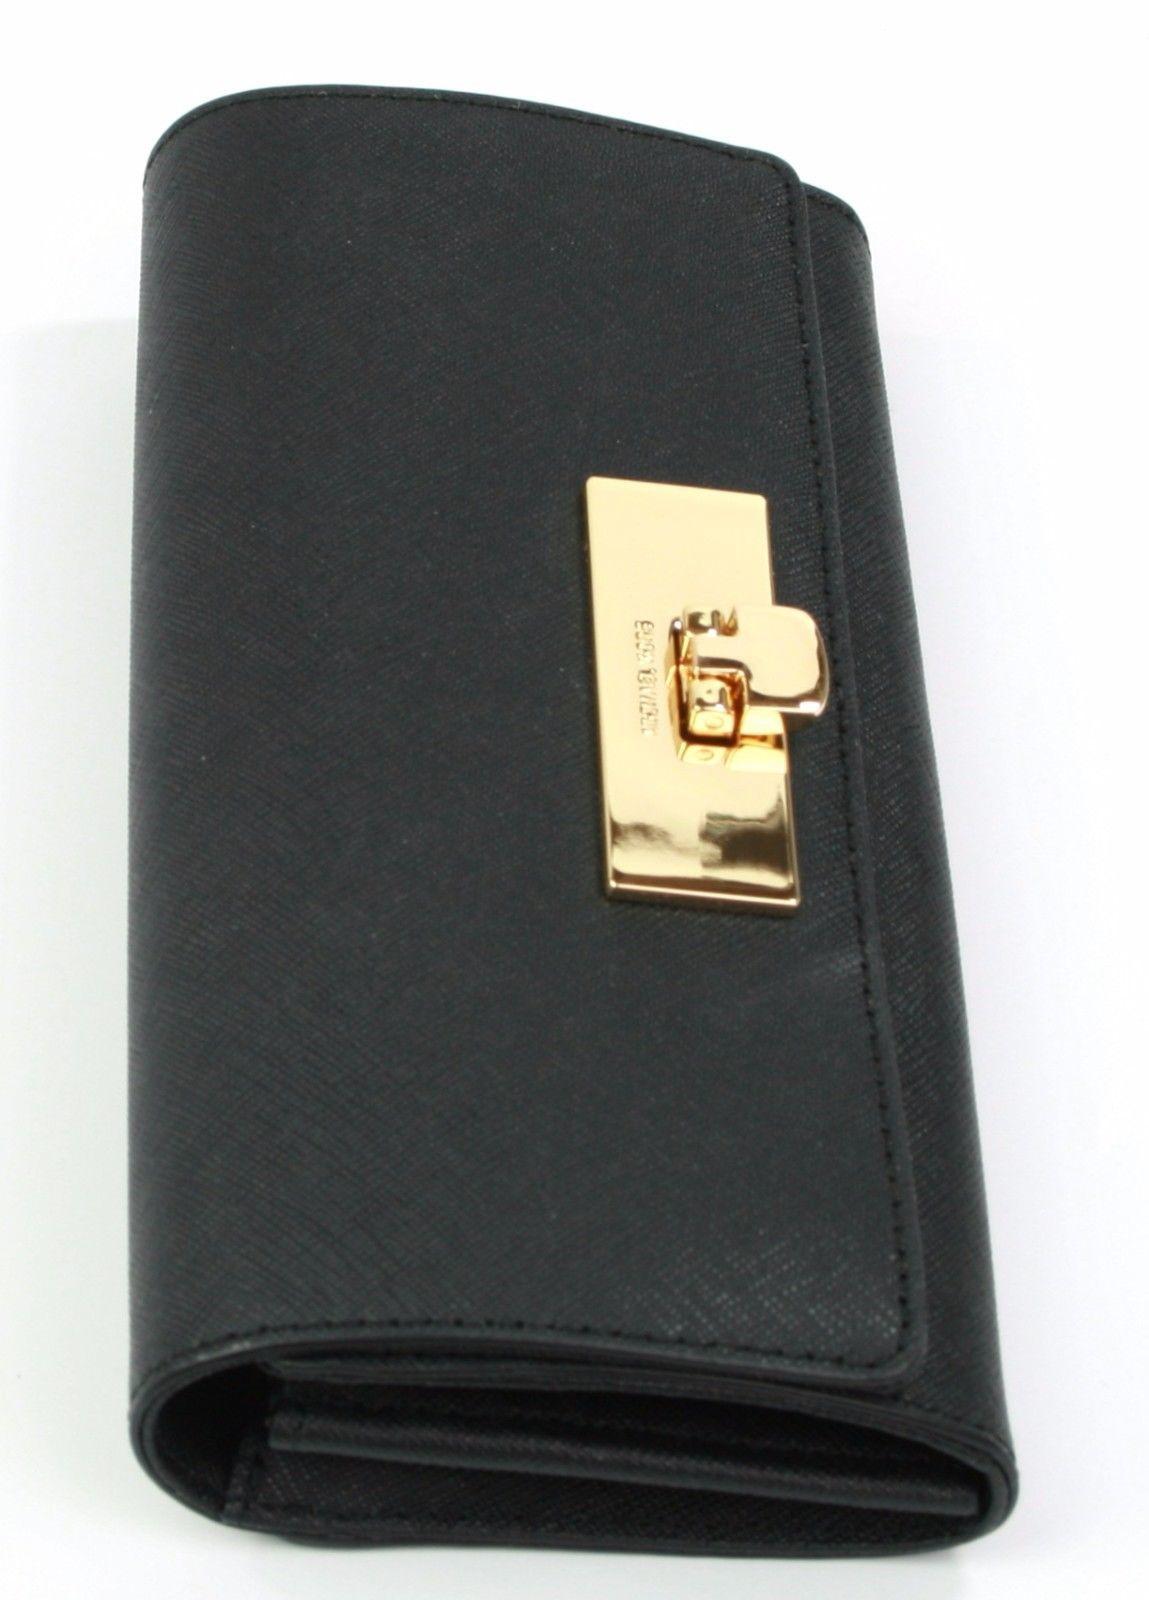 cad859e5f0340 ... Michael Kors Callie Purse Wallet Black Saffiano Leather Large Jet Set  ...